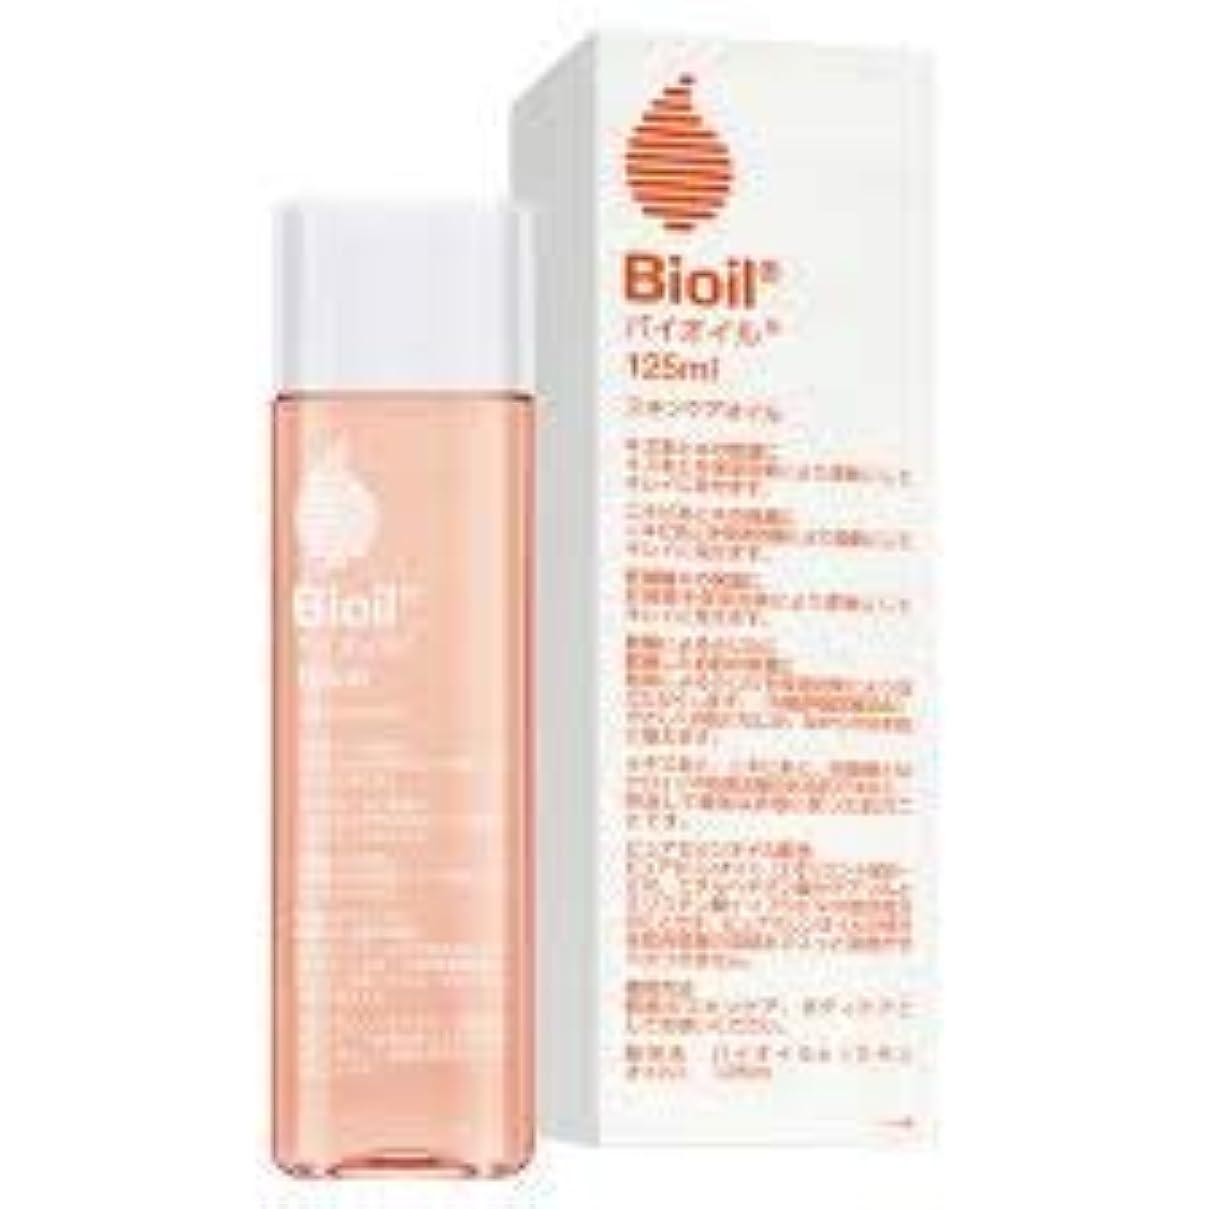 羊誠意証明書バイオイル Bioil 125ml (小林製薬)